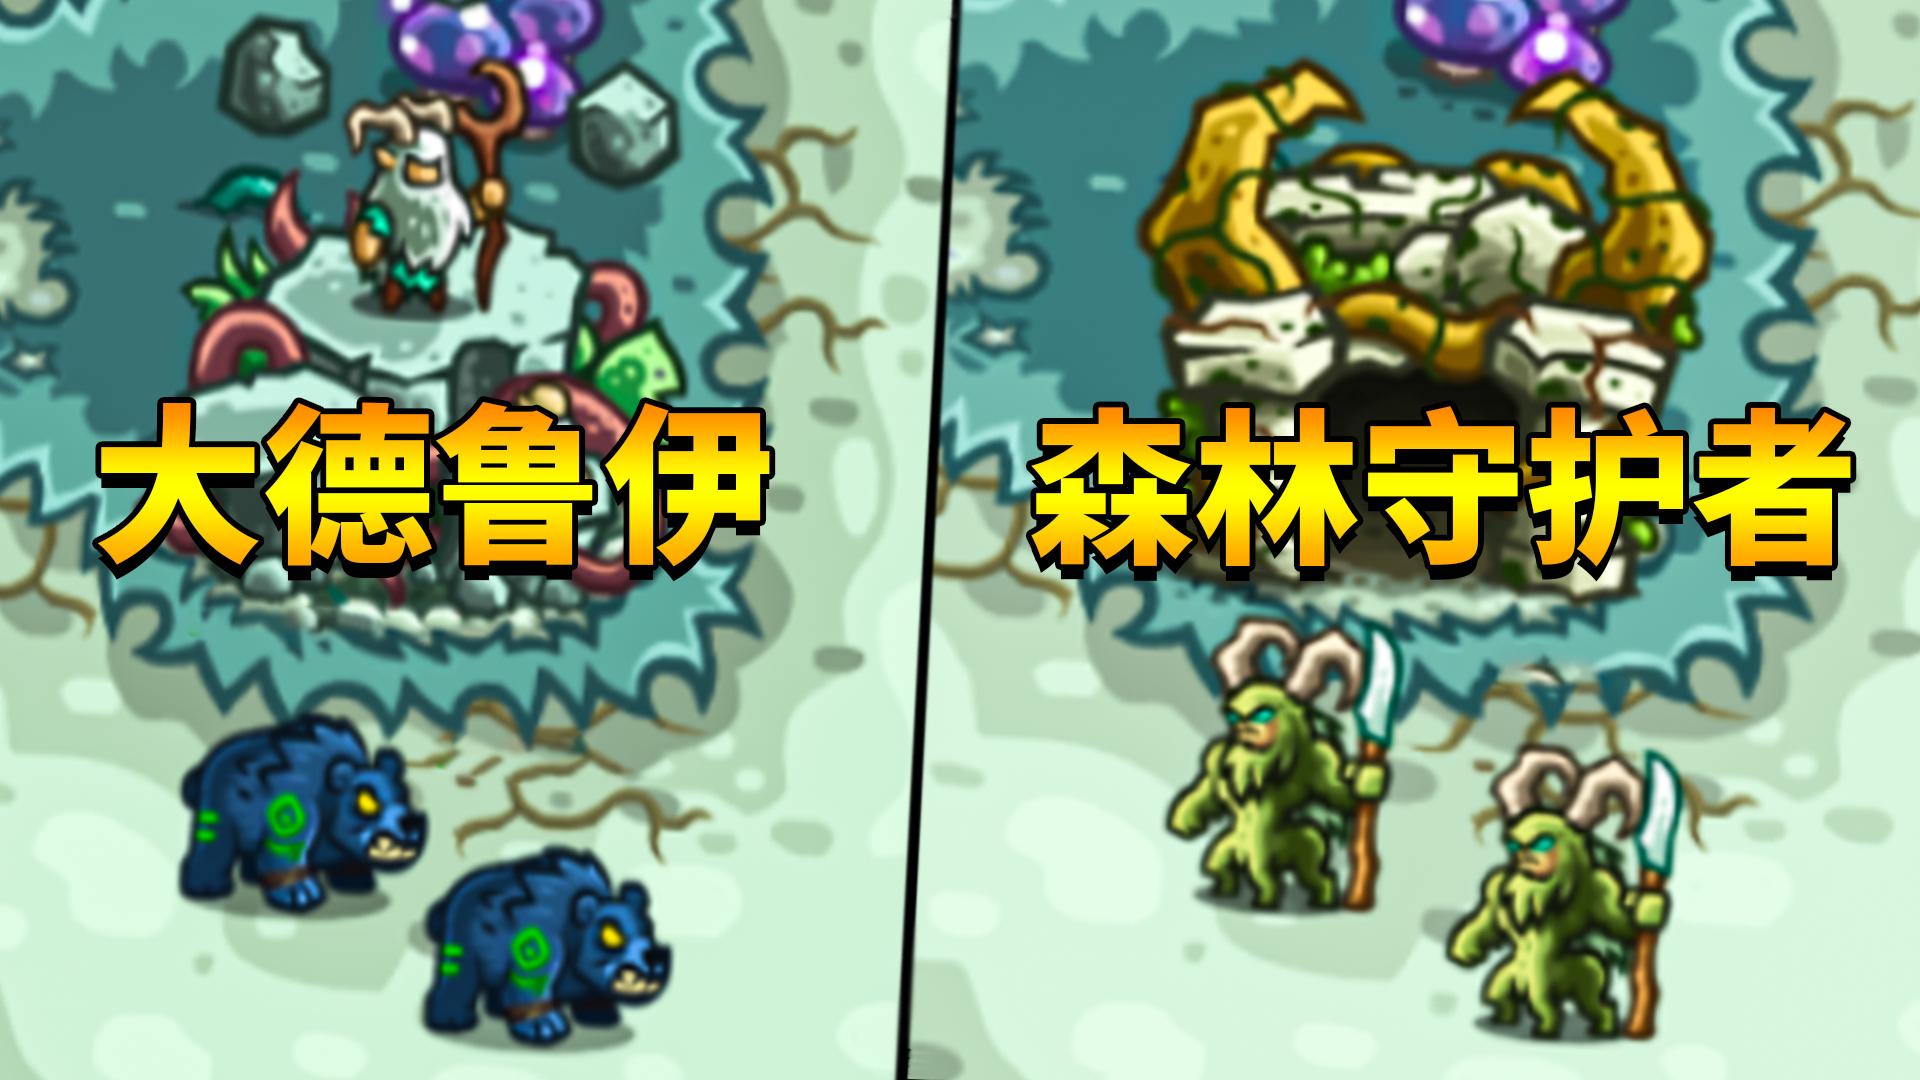 王国保卫战起源06:解锁超强防御塔,森林守护者大德鲁伊登场!